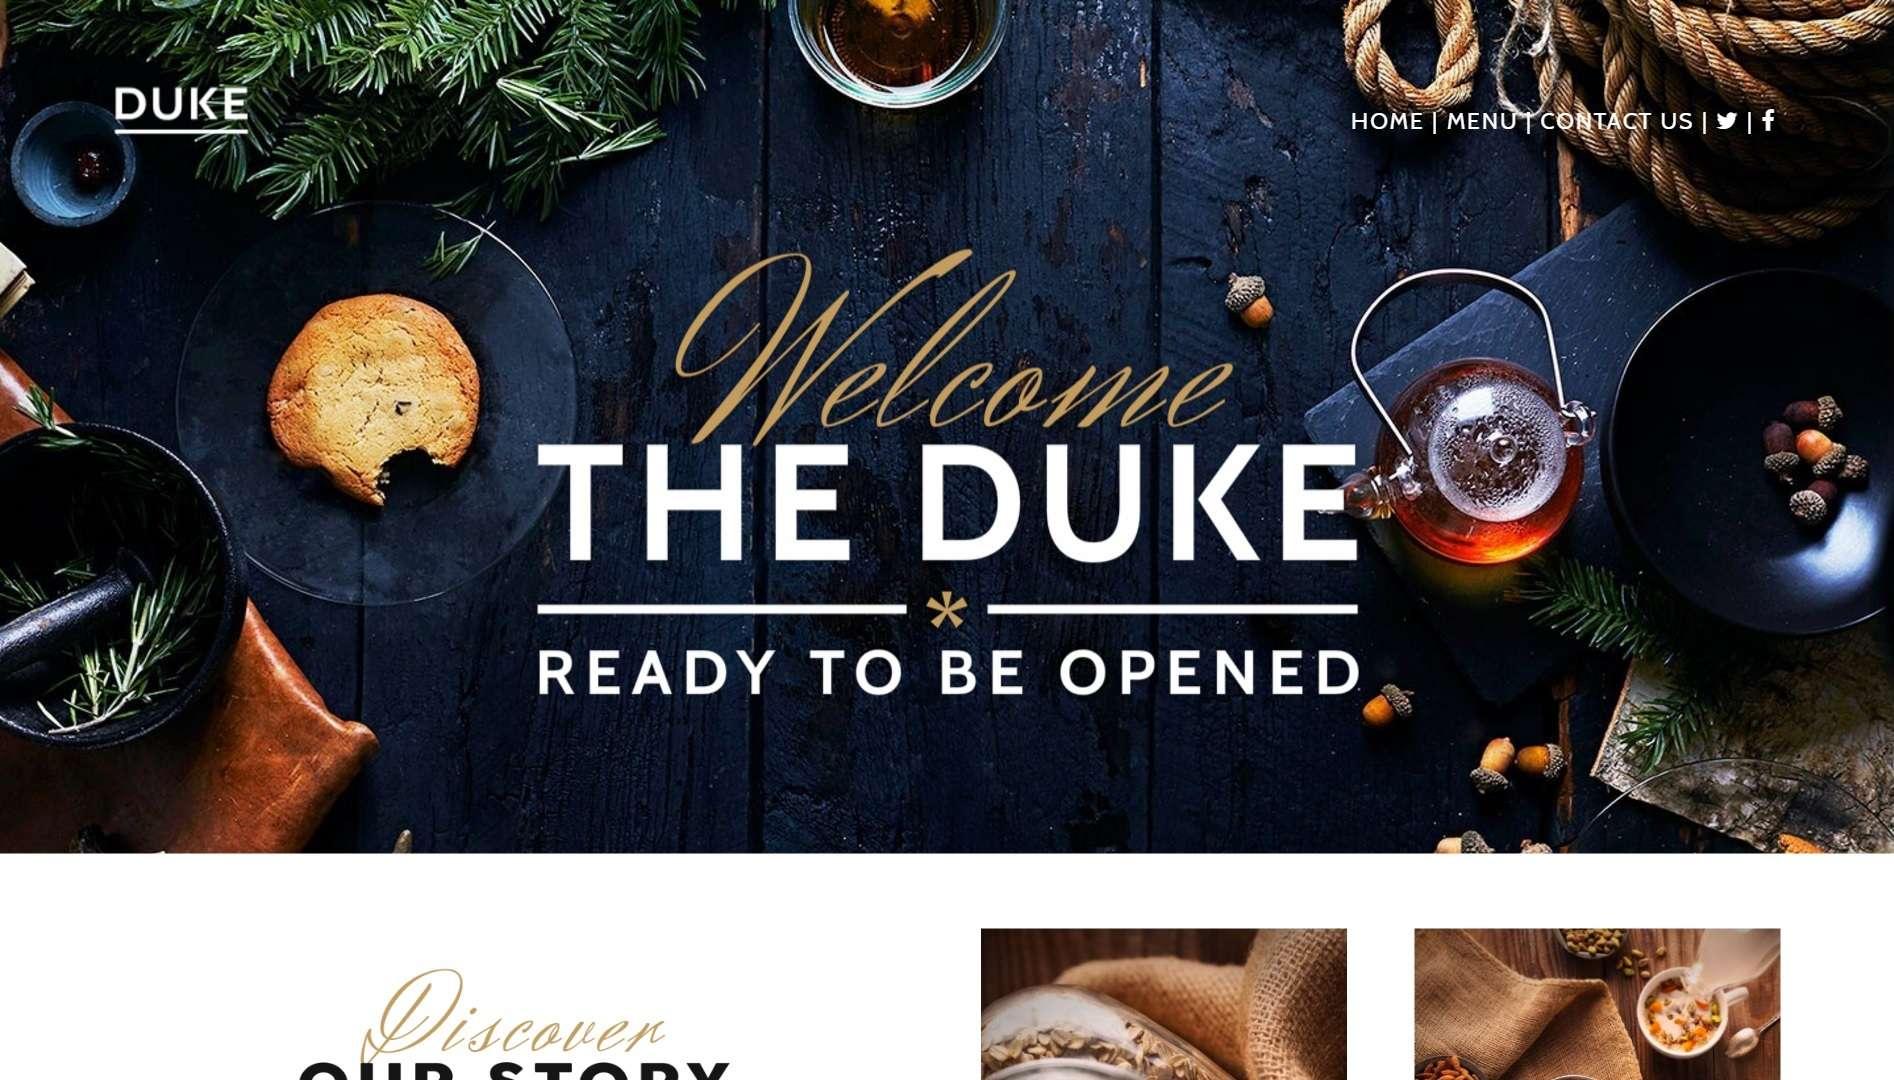 Website Design for The Duke